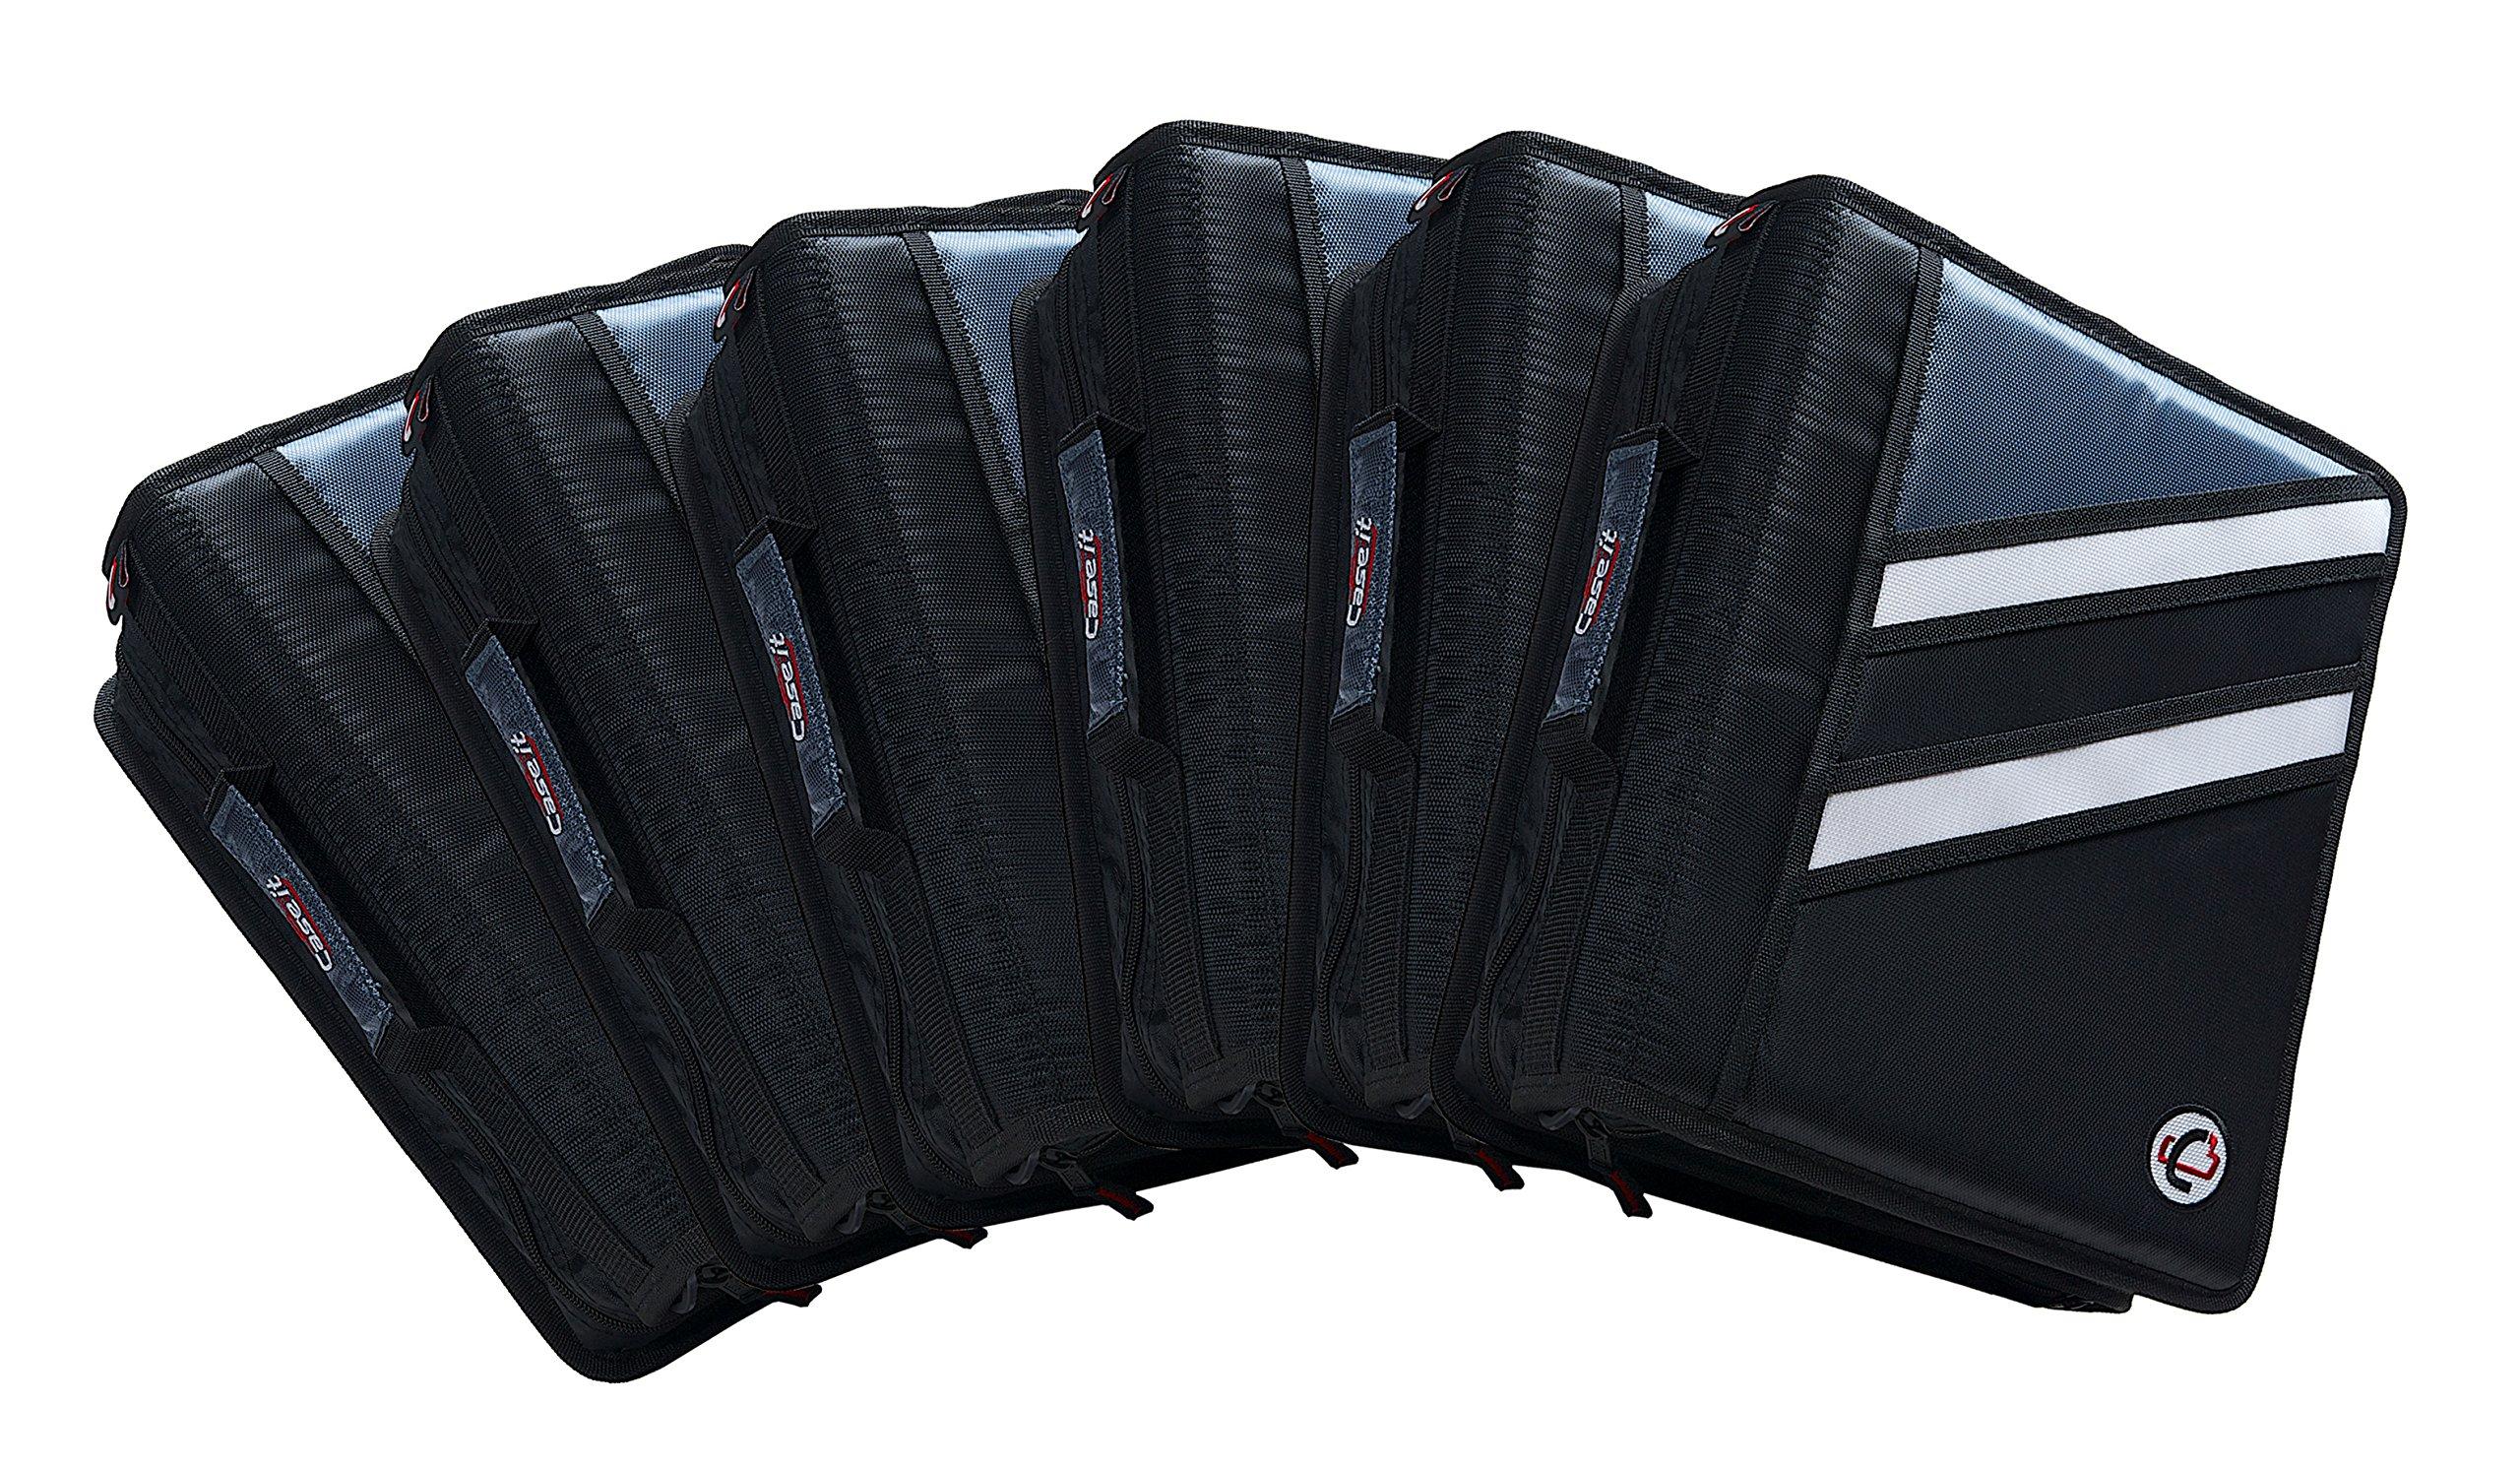 Case-it Z-Binder Two-in-One 1.5-Inch D-Ring Zipper Binder, Black, Case of 6 (Z-176-C-BLK)